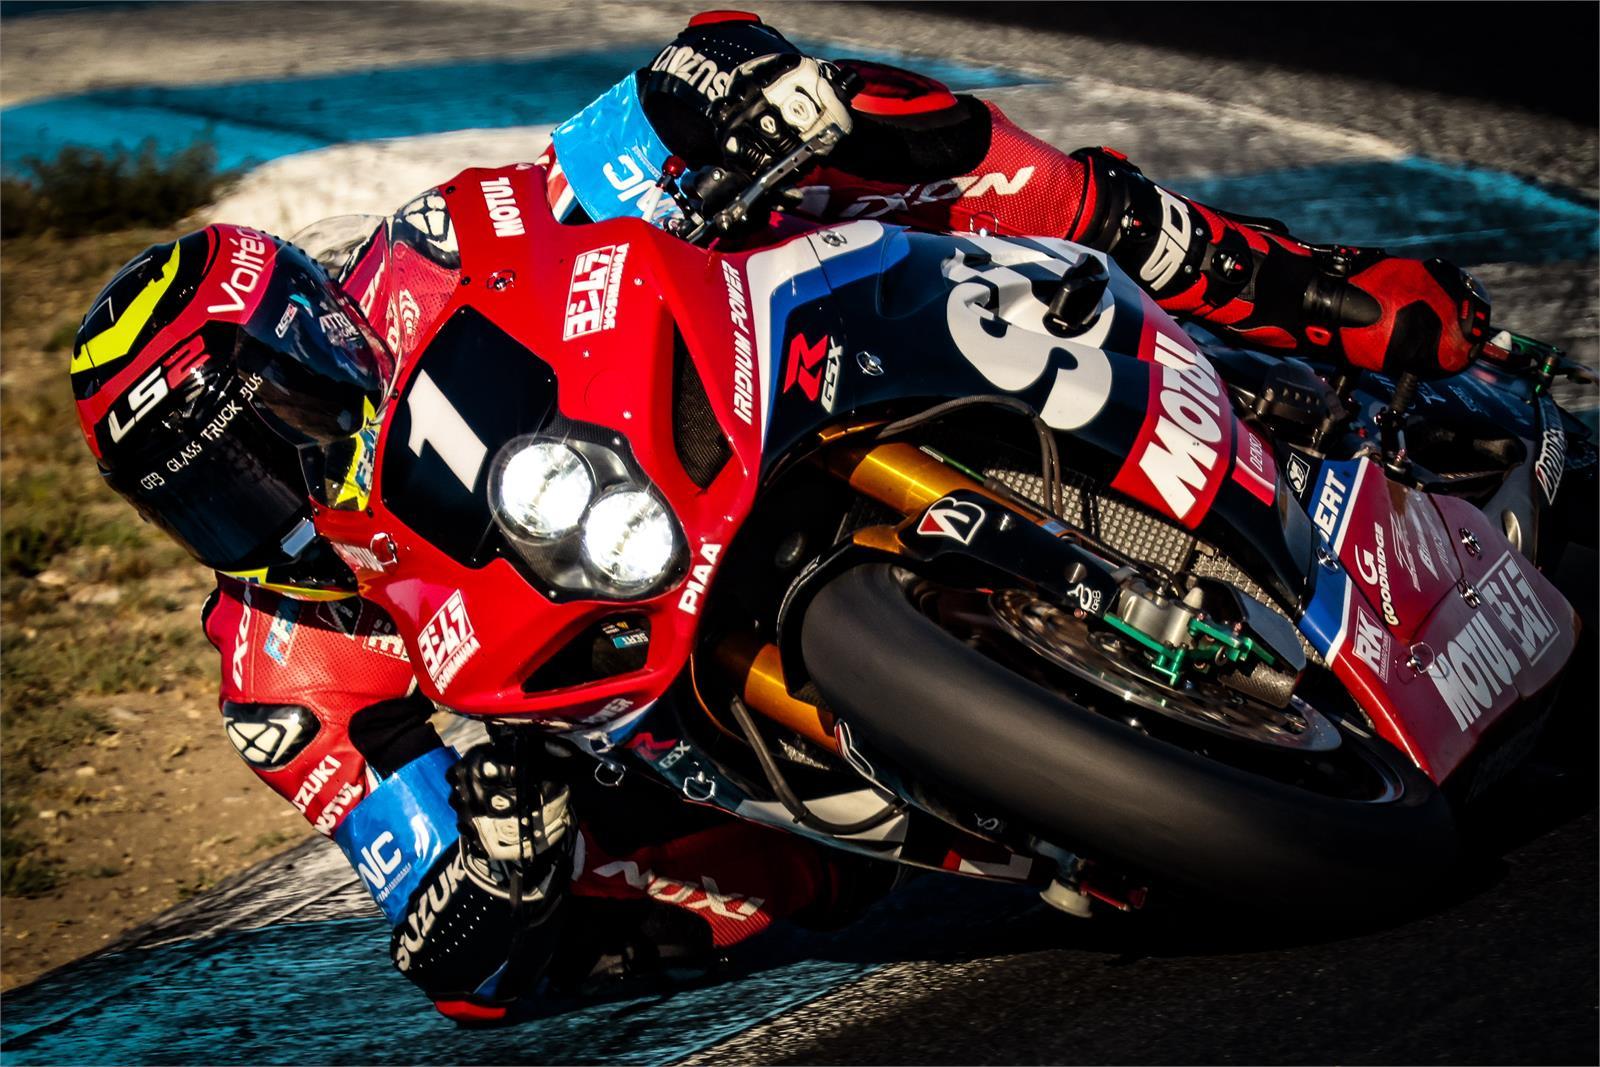 ヨシムラSERT Motul エストリル12時間耐久を予選3番手からスタート